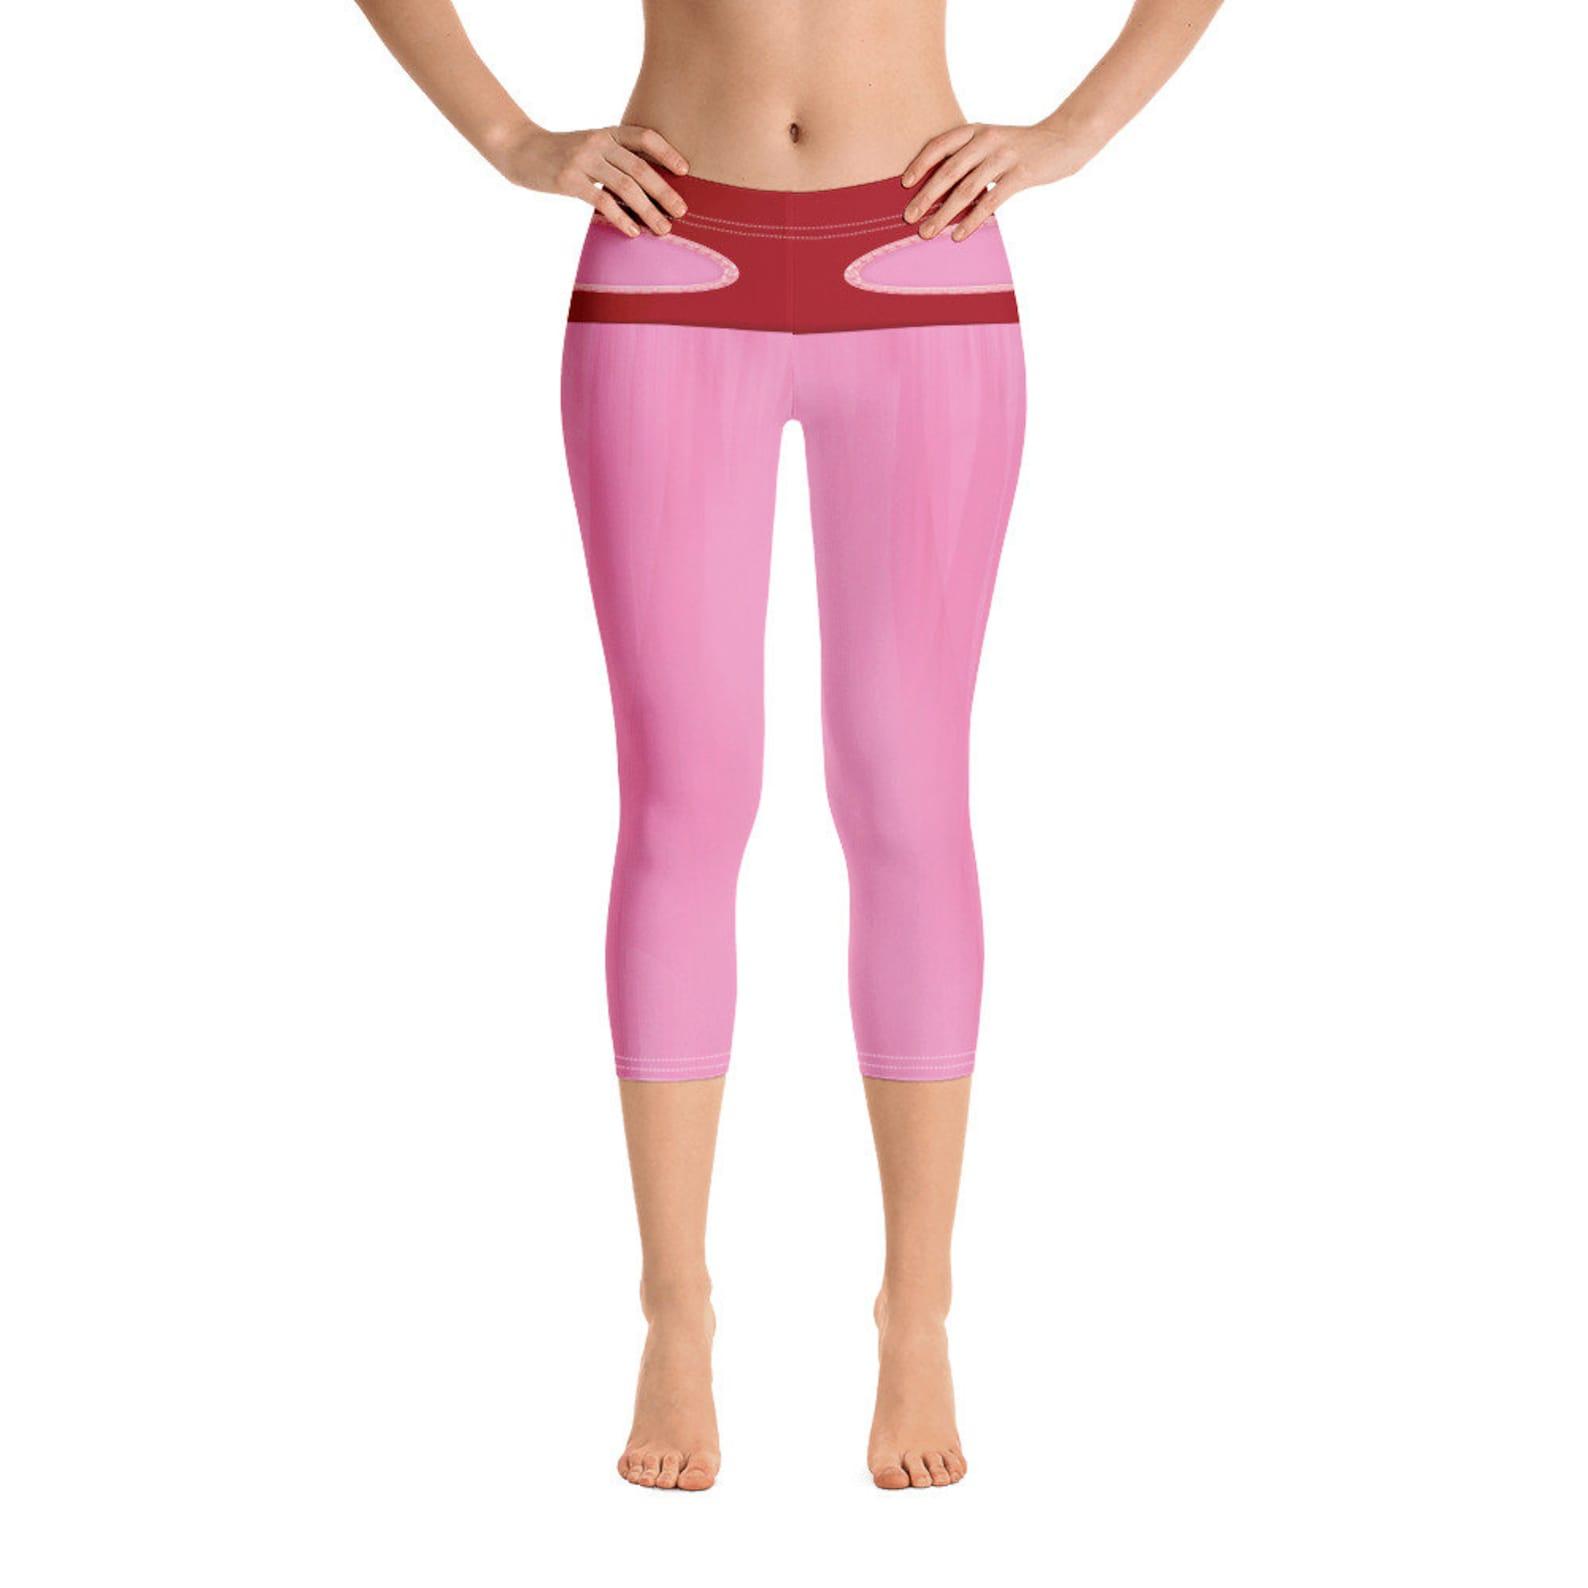 Jeannie inspiriert Kostüm Leggings Ich träume von Jeannie